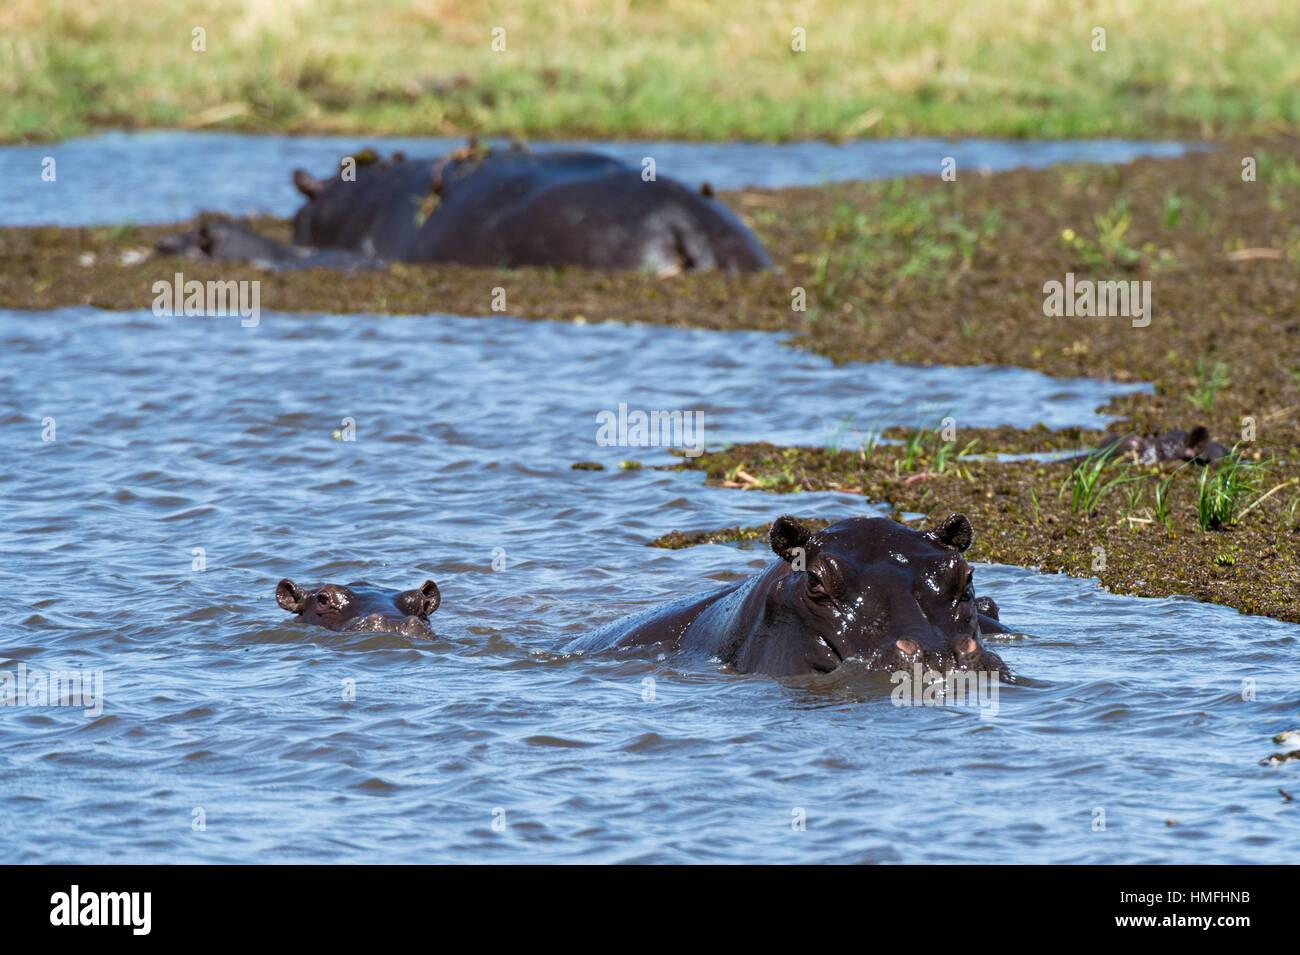 Hippopotamus (Hippopotamus amphibius) in the River Khwai, Khwai Concession, Okavango Delta, Botswana Stock Photo